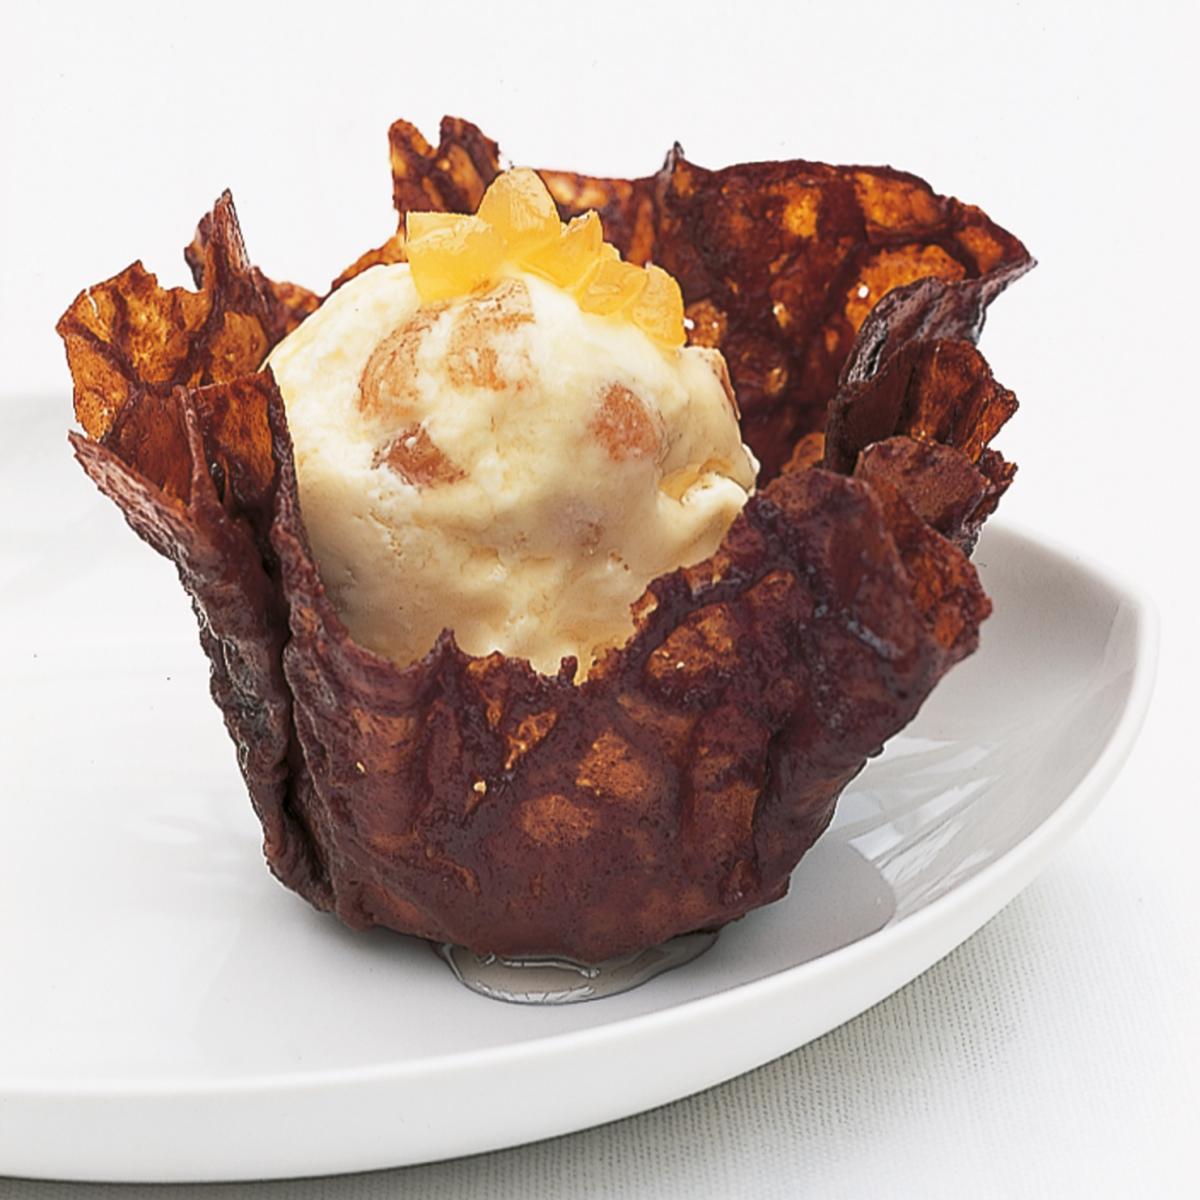 A picture of Delia's Preserved Ginger Ice Cream recipe